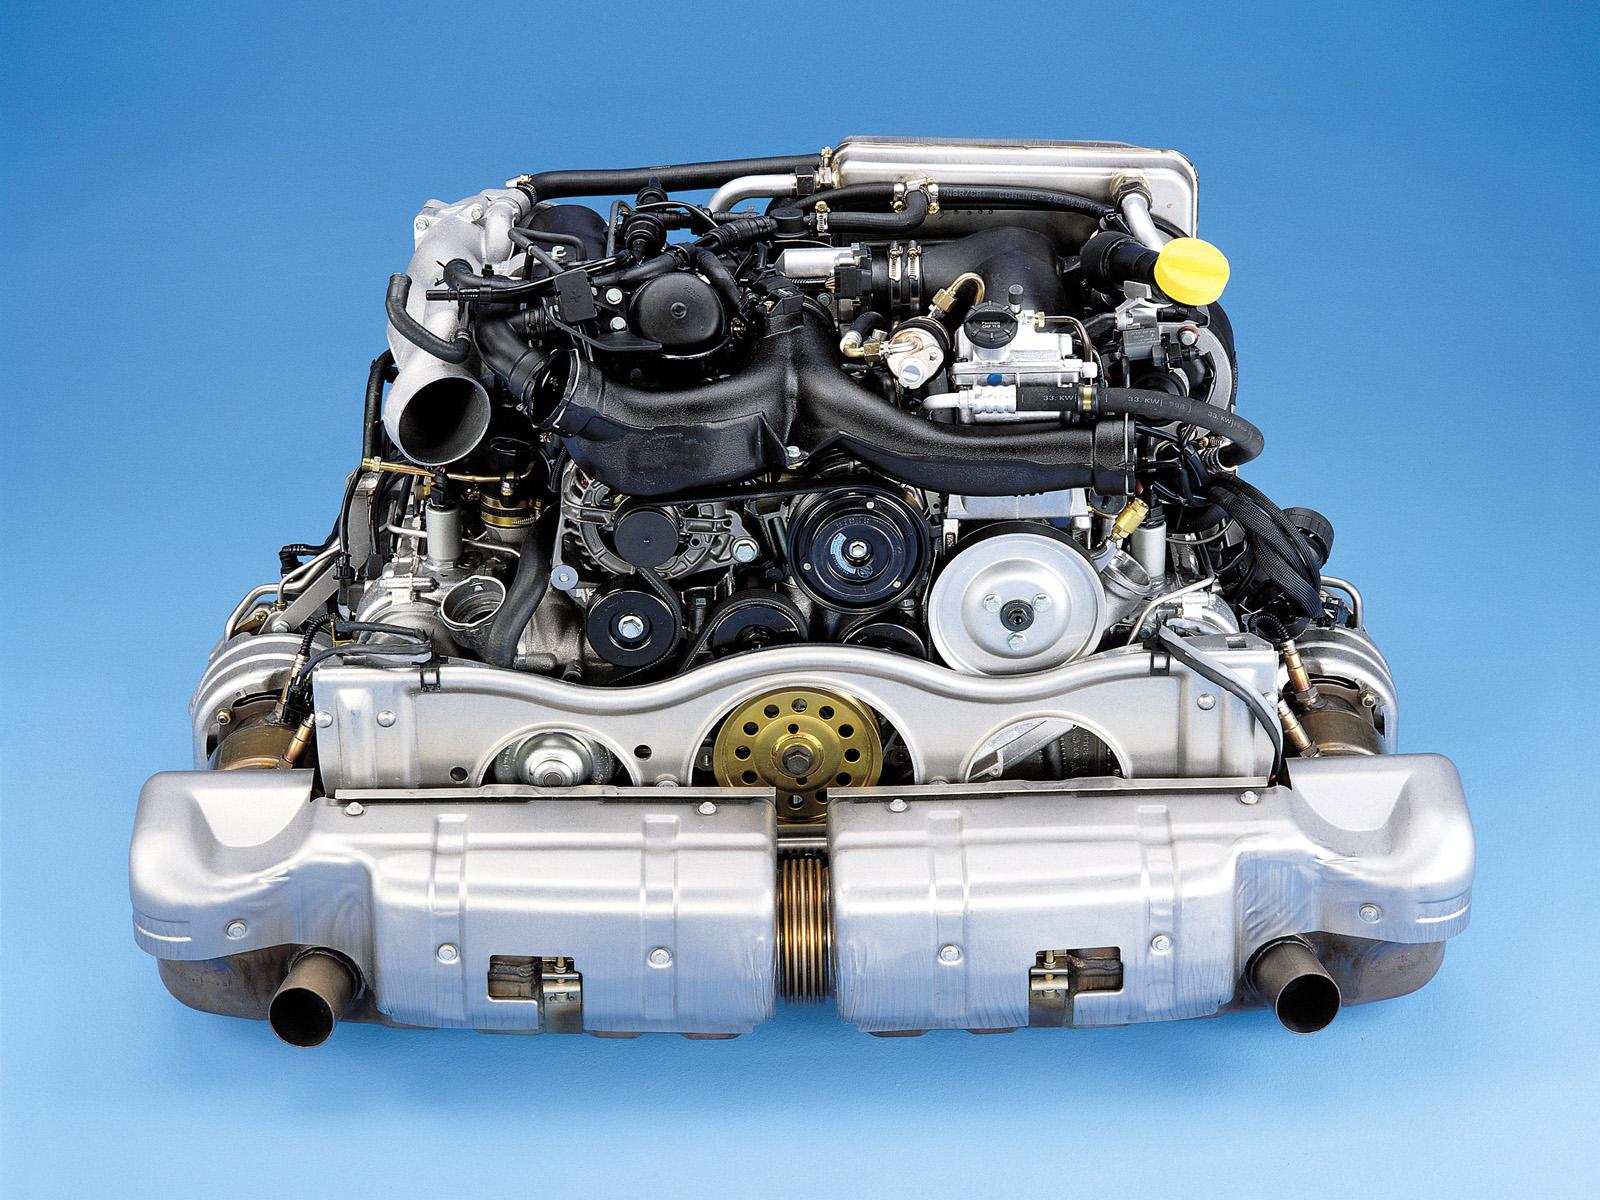 Engine porsche m96 70 wallpaper 1600x1200 132046 wallpaperup - Porsche engine wallpaper ...